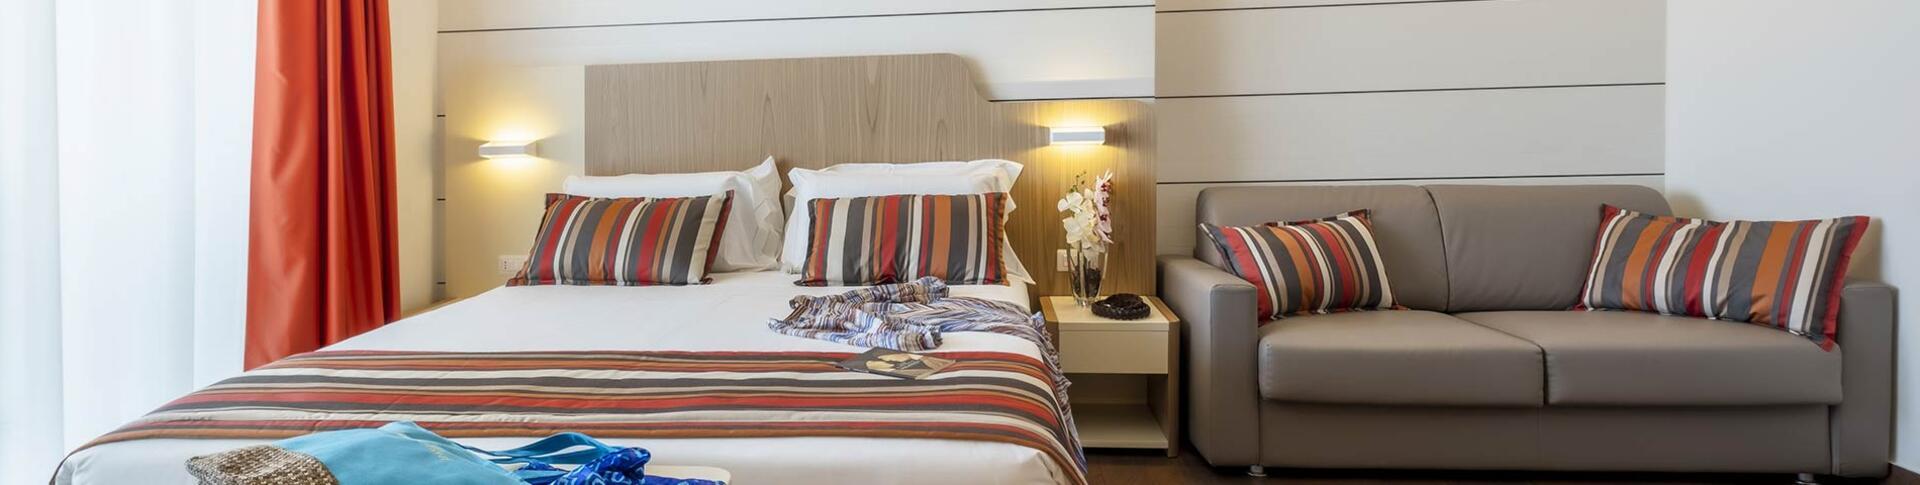 ariahotel de junior-suite 015